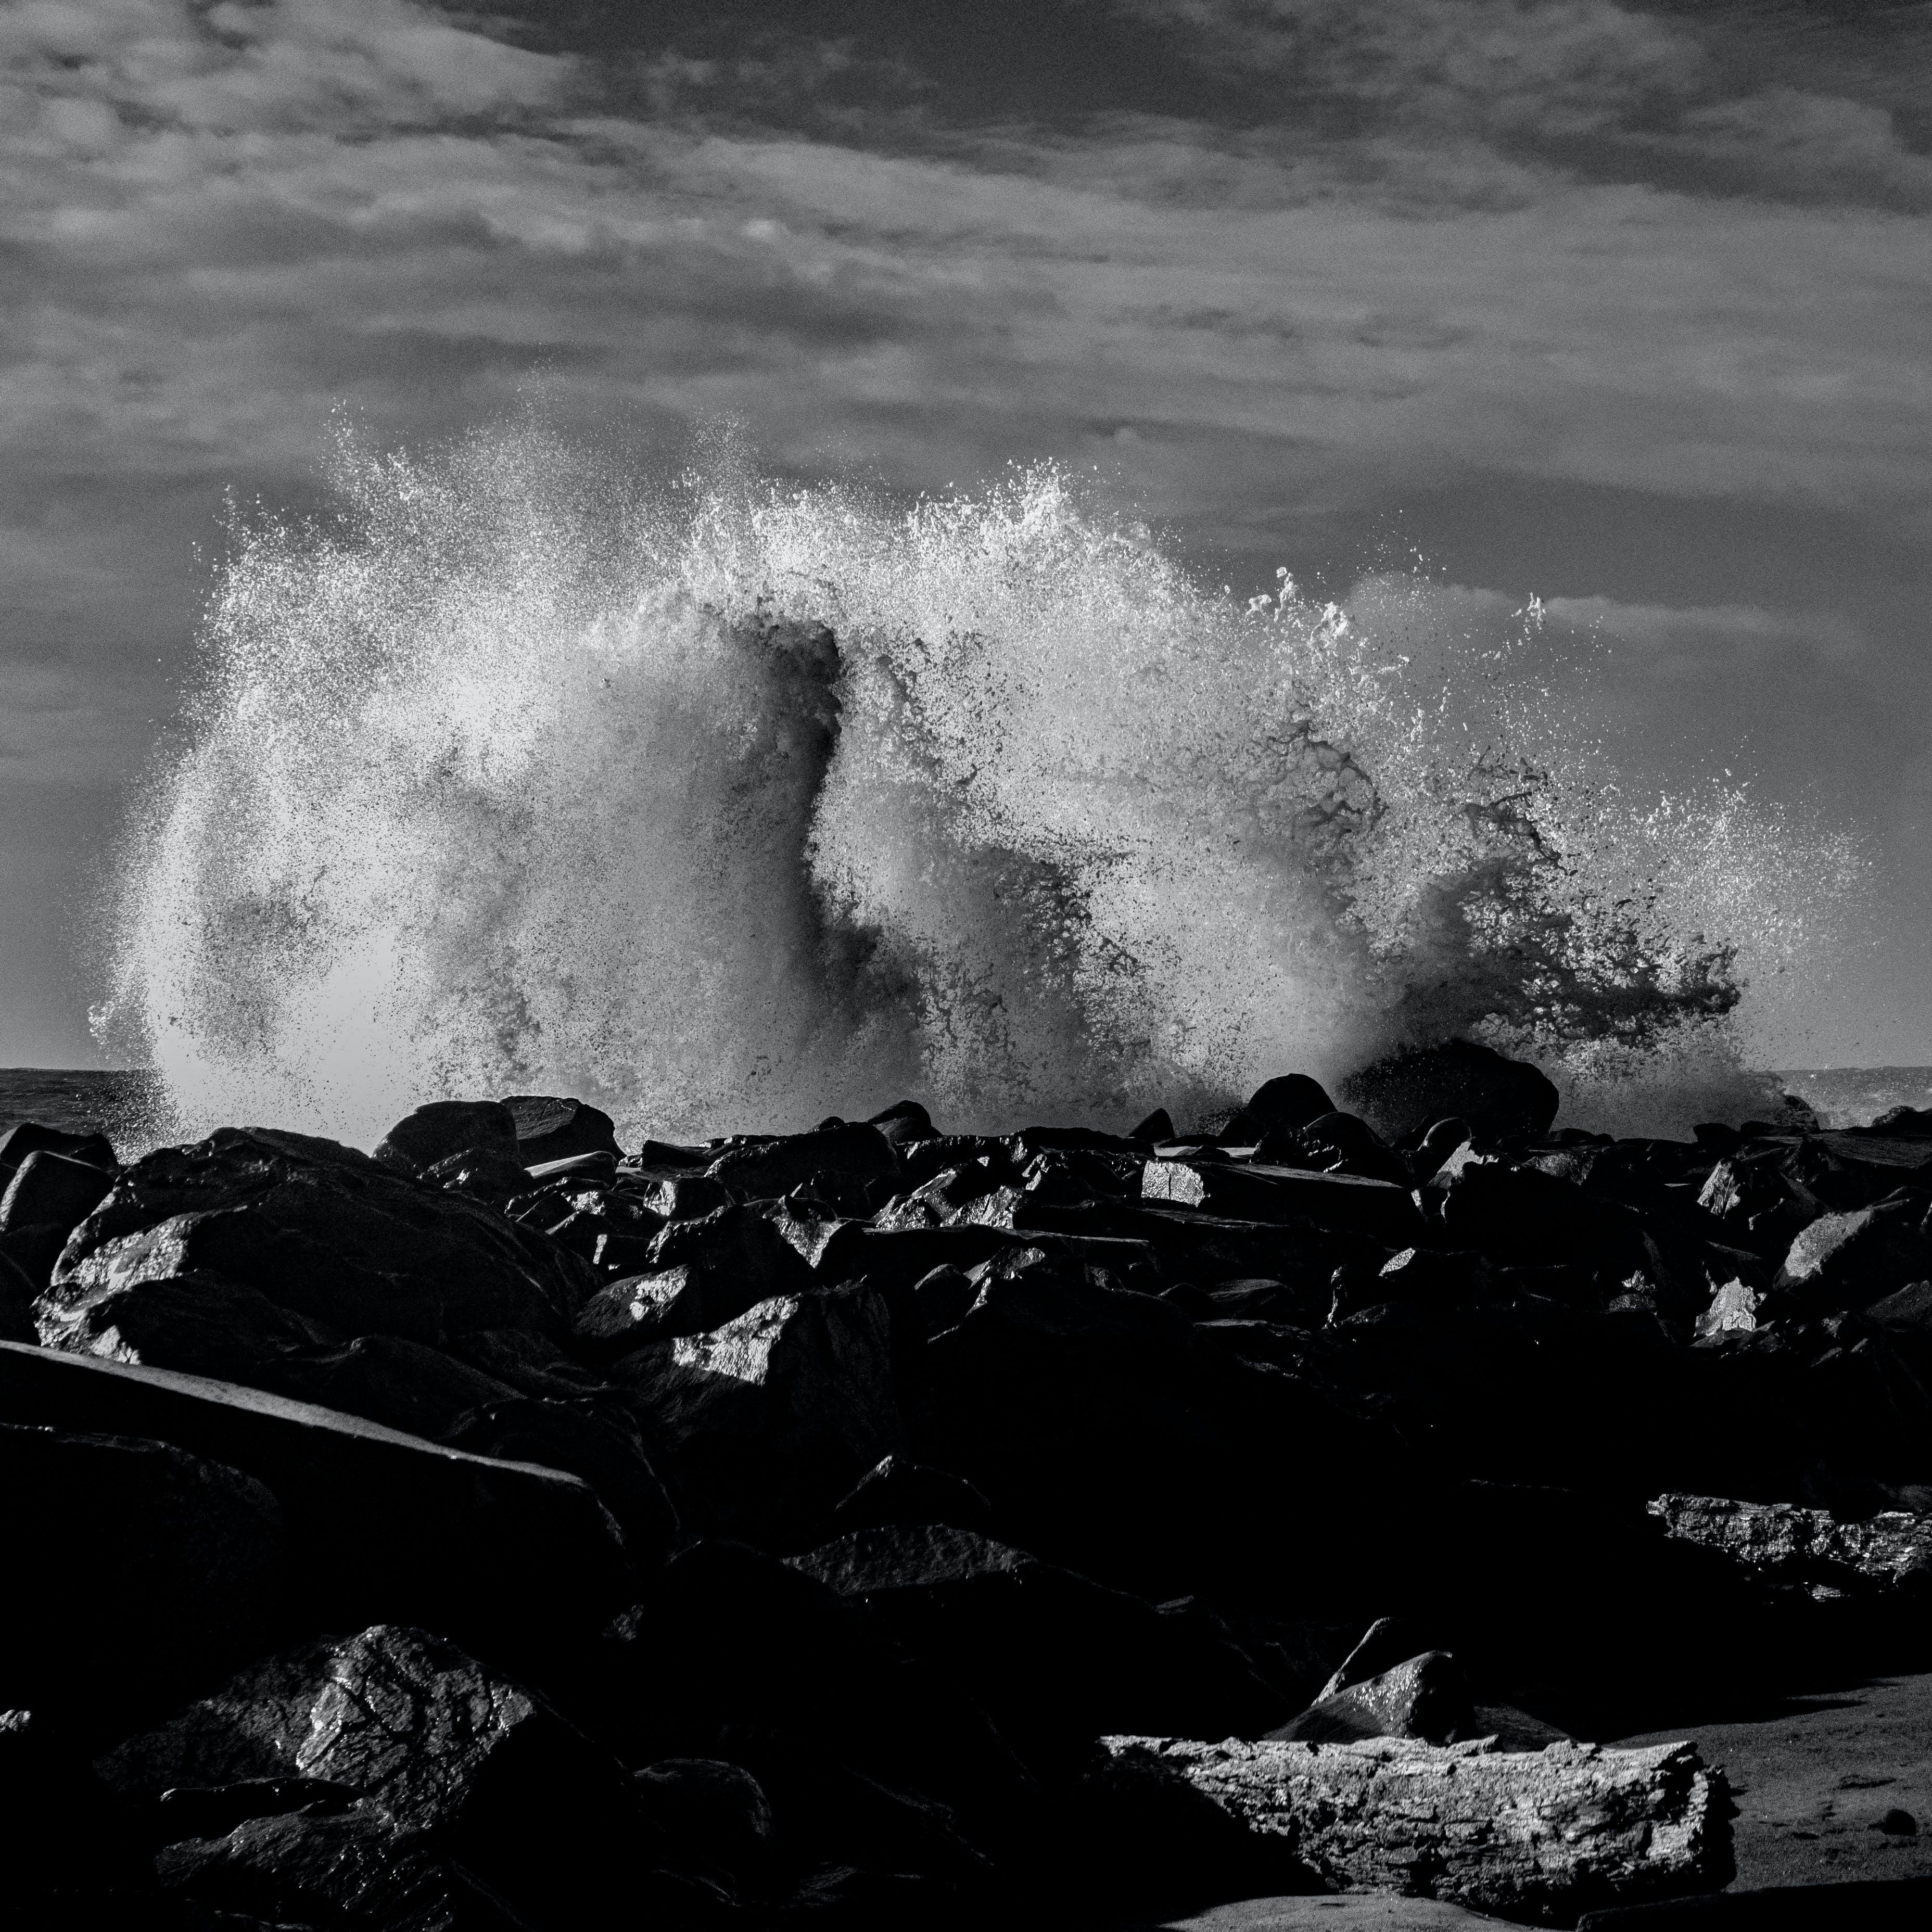 Free stock photo of black and white, wave crashing